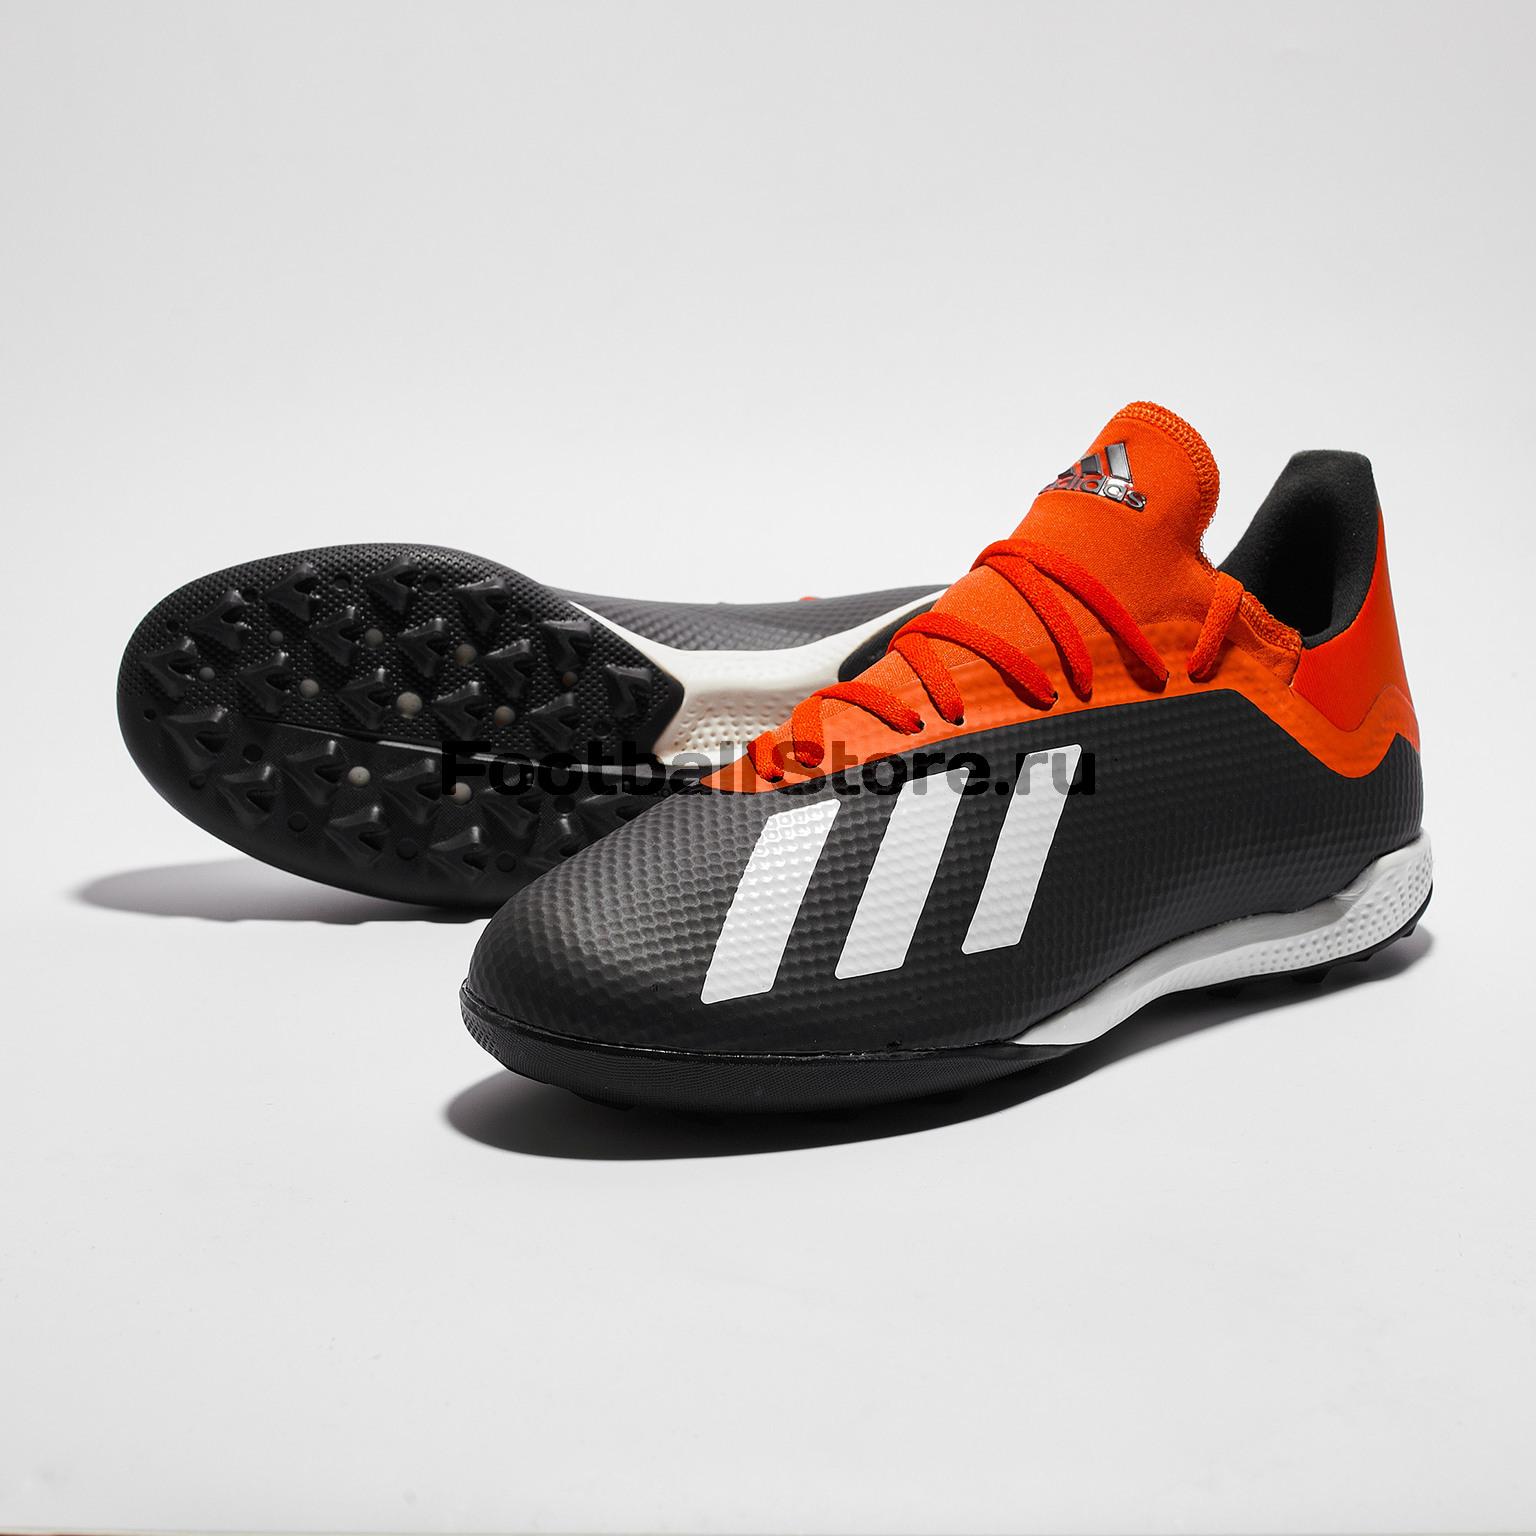 Шиповки Adidas X 18.3 TF BB9398